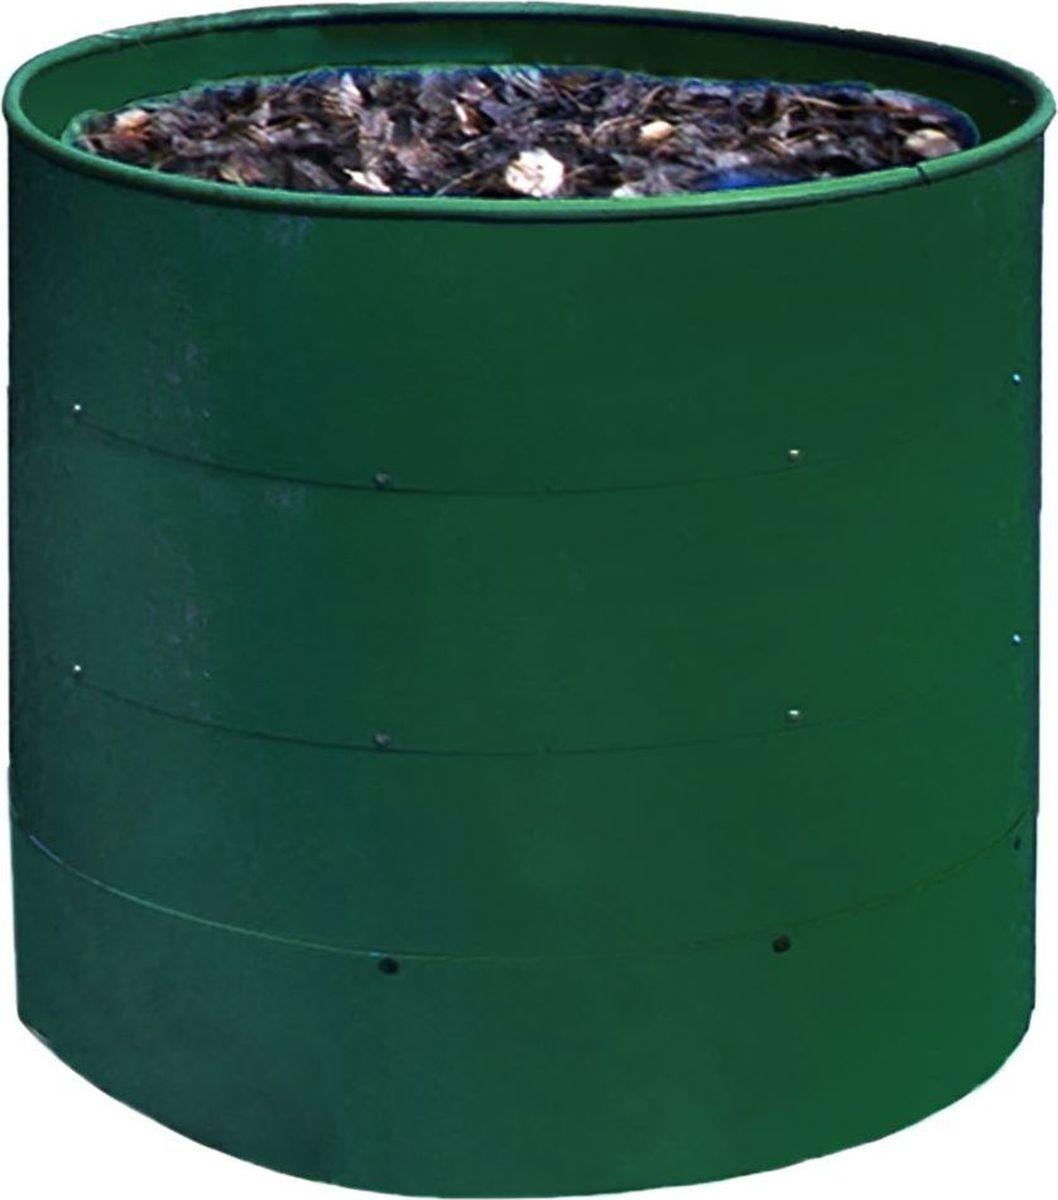 Компостер садовый ГарденПласт, 700 л09840-20.000.00Компостер позволяет создать на дачном участке безотходное производство. С помощью аккуратного компактного контейнера (ширина — 35 см, высота — 0,9 м) вы одновременно избавитесь от убранных листьев и травы и получить удобрение. Преимущества:Можно собрать, разобрать и увезти с дачи на зиму.Помещается в автомобиле благодаря компактным размерам (35 ? 25 ? 35 см).Требует минимум ухода, всегда выглядит как новое.Не деформируется в морозы, не выцветает на солнце.